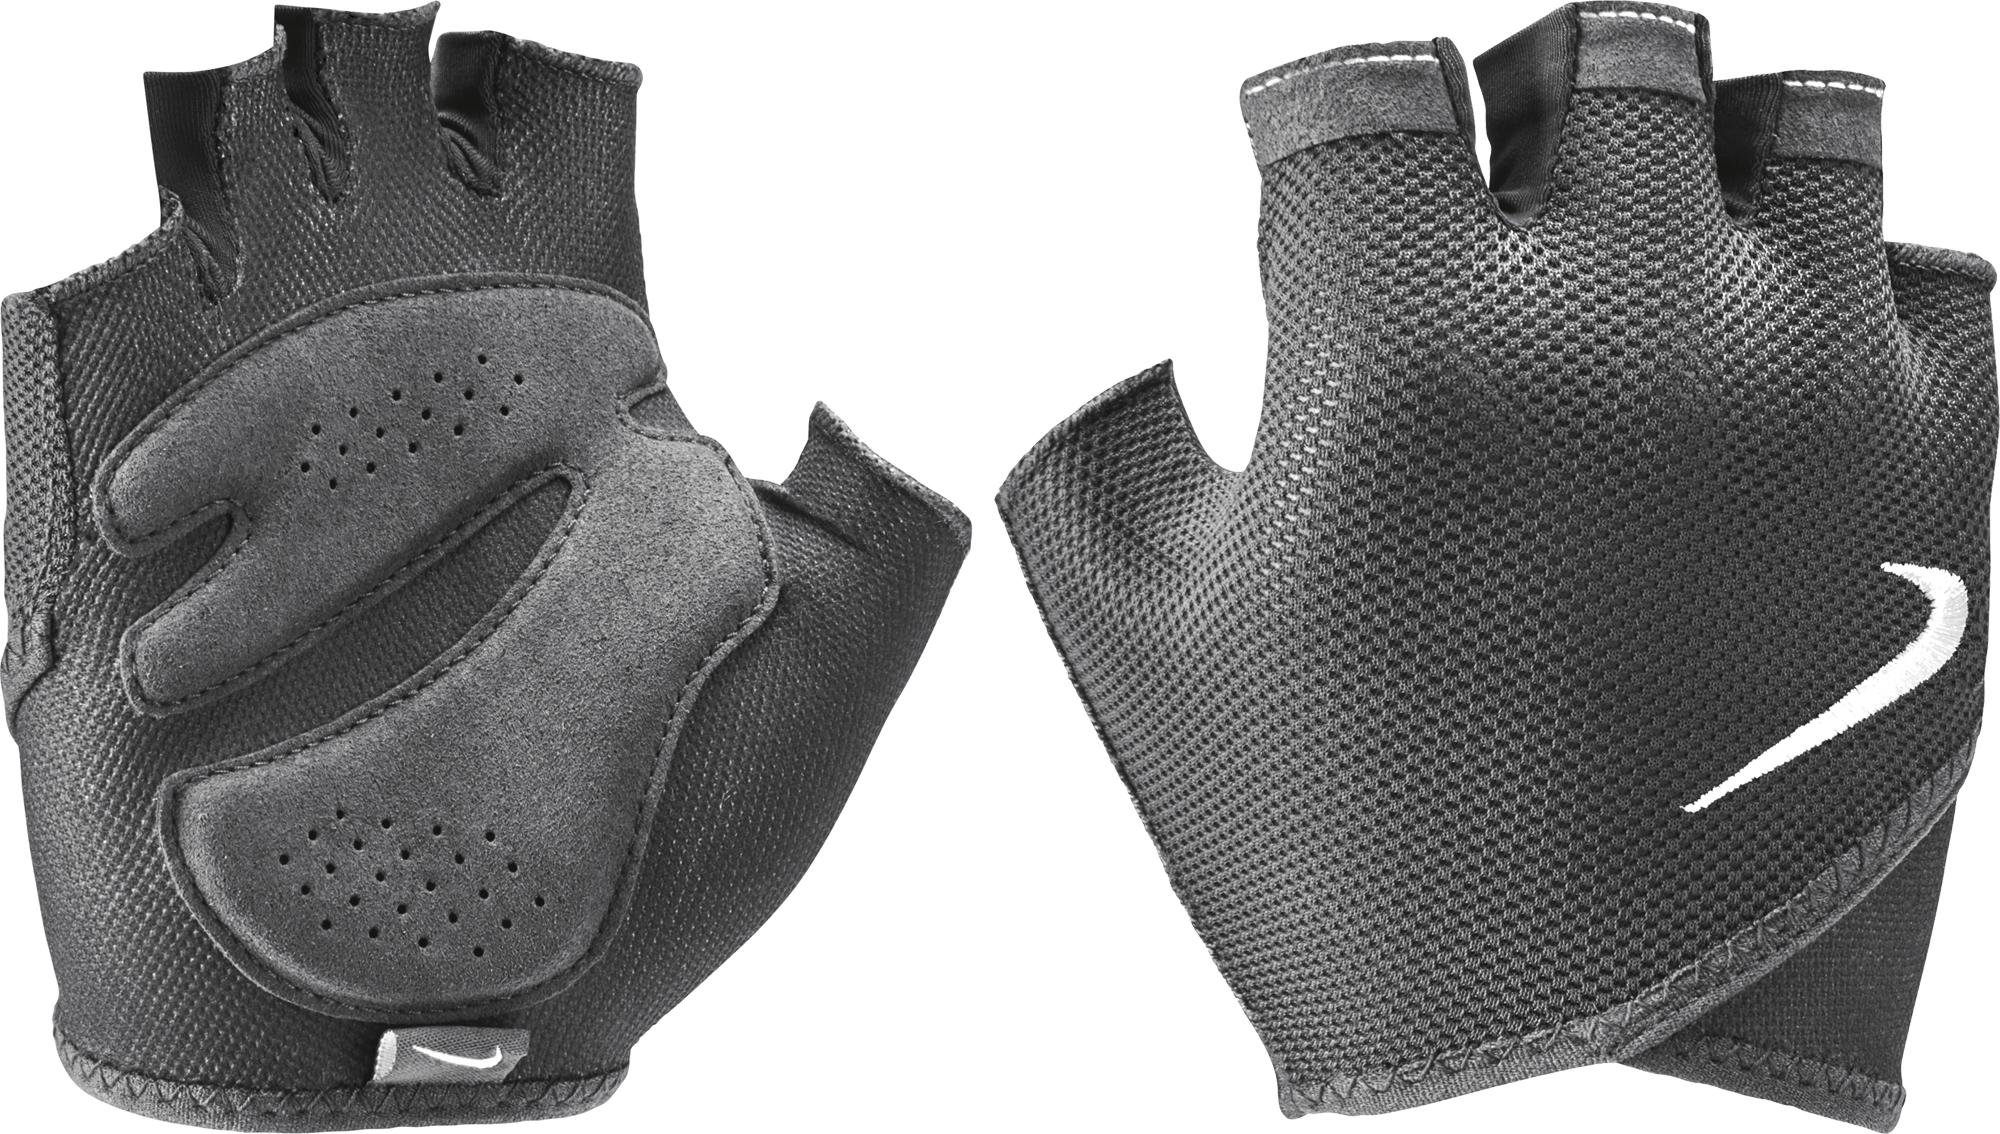 Nike Перчатки для фитнеса Fitness Gloves, размер 11